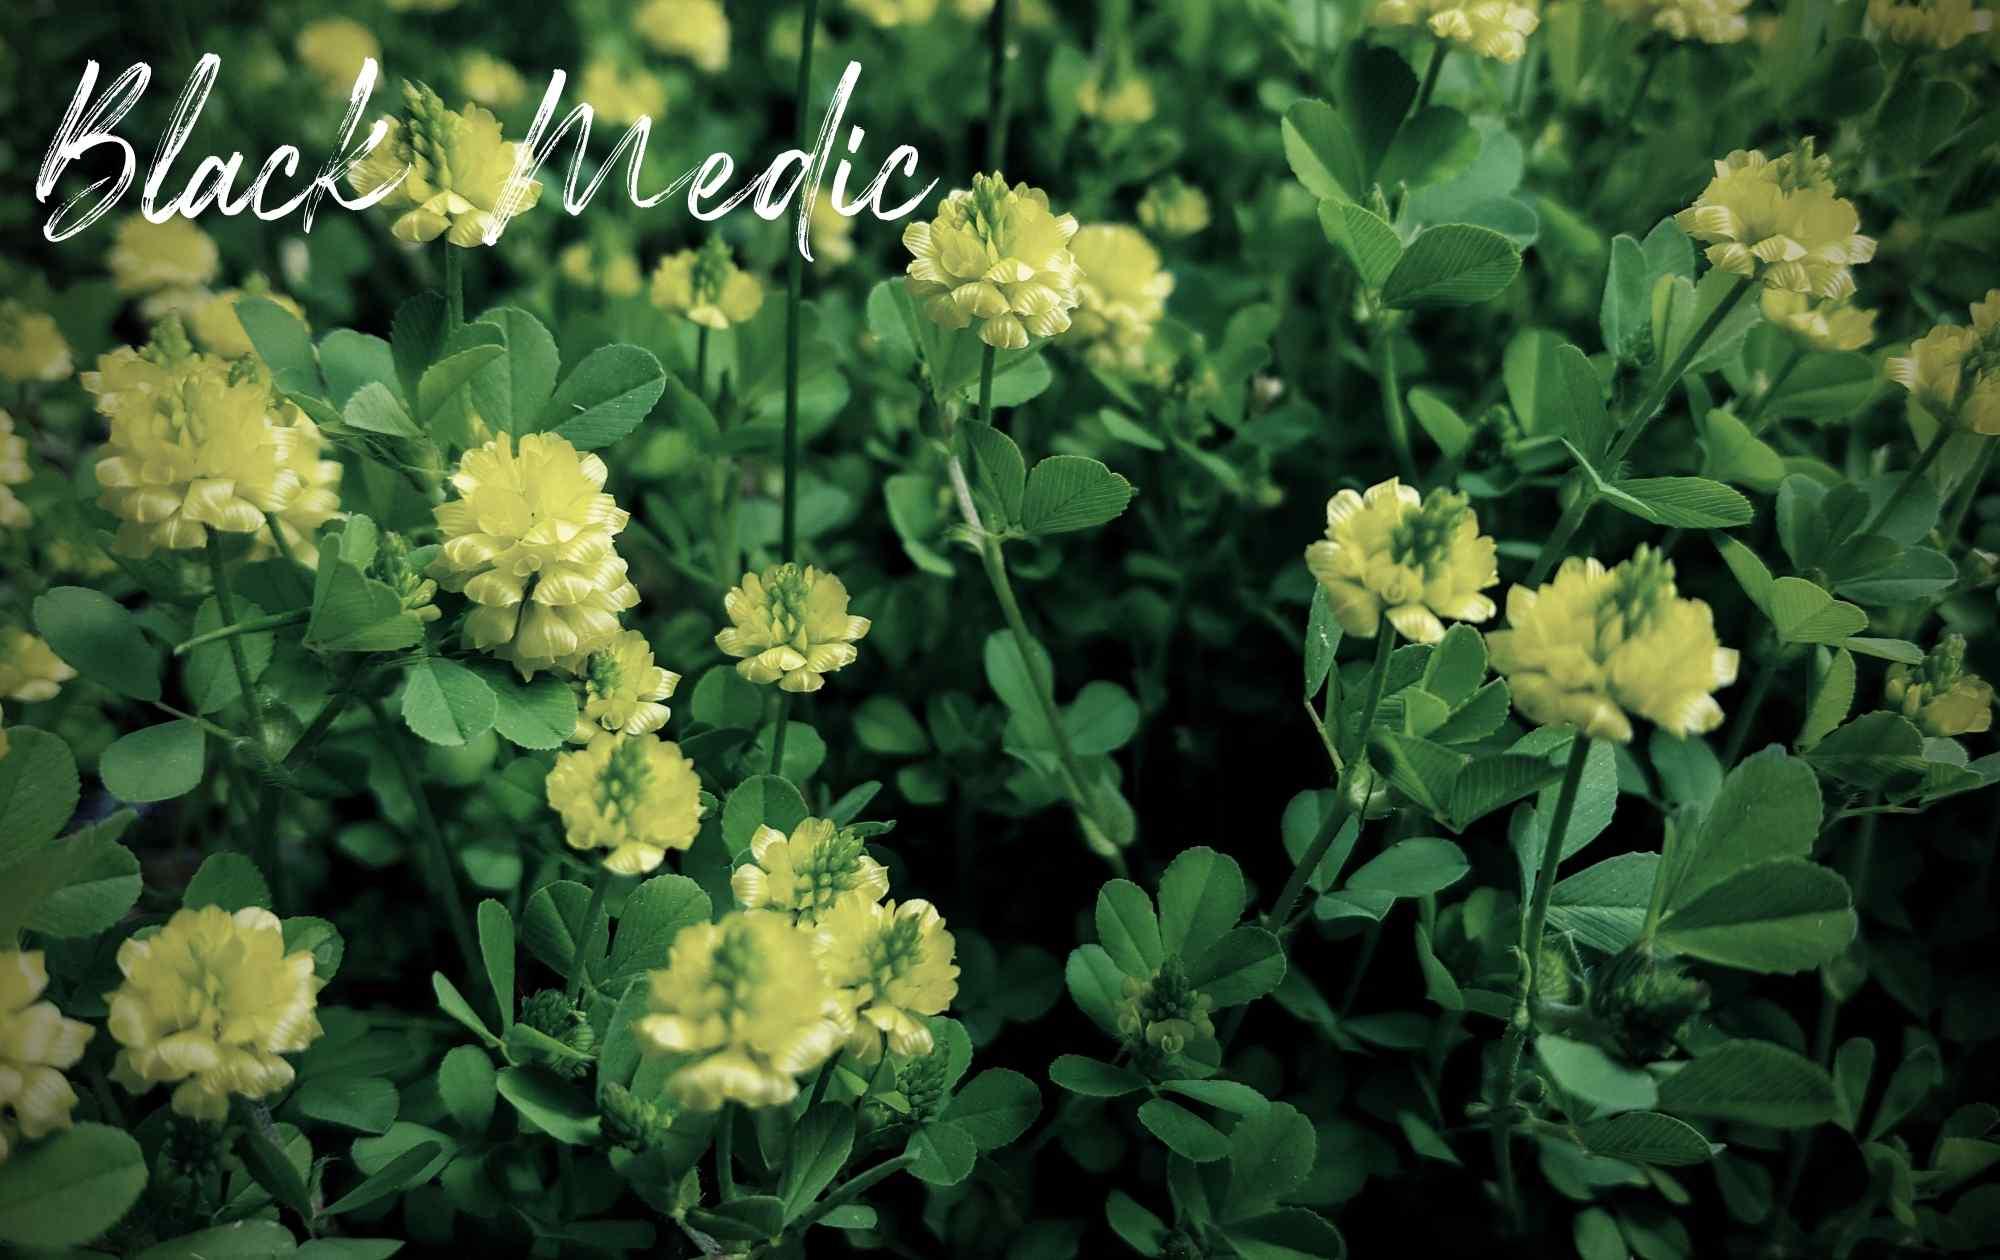 Black Medic Landscape Weed Image